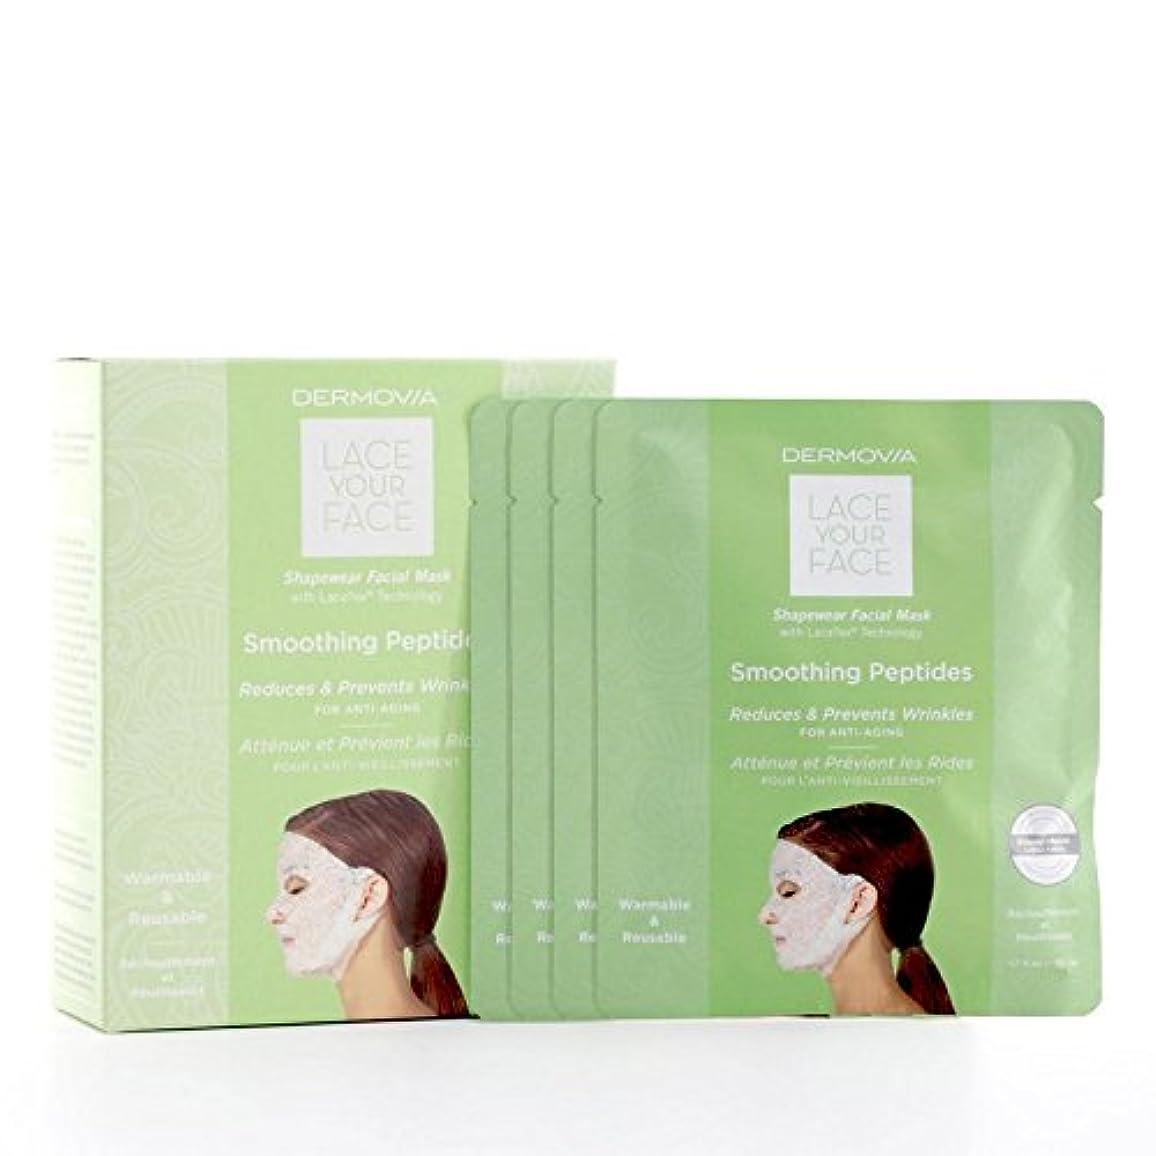 困惑する耕すハイキングは、あなたの顔の圧縮フェイシャルマスク平滑化ペプチドをひもで締めます x2 - Dermovia Lace Your Face Compression Facial Mask Smoothing Peptides (Pack...